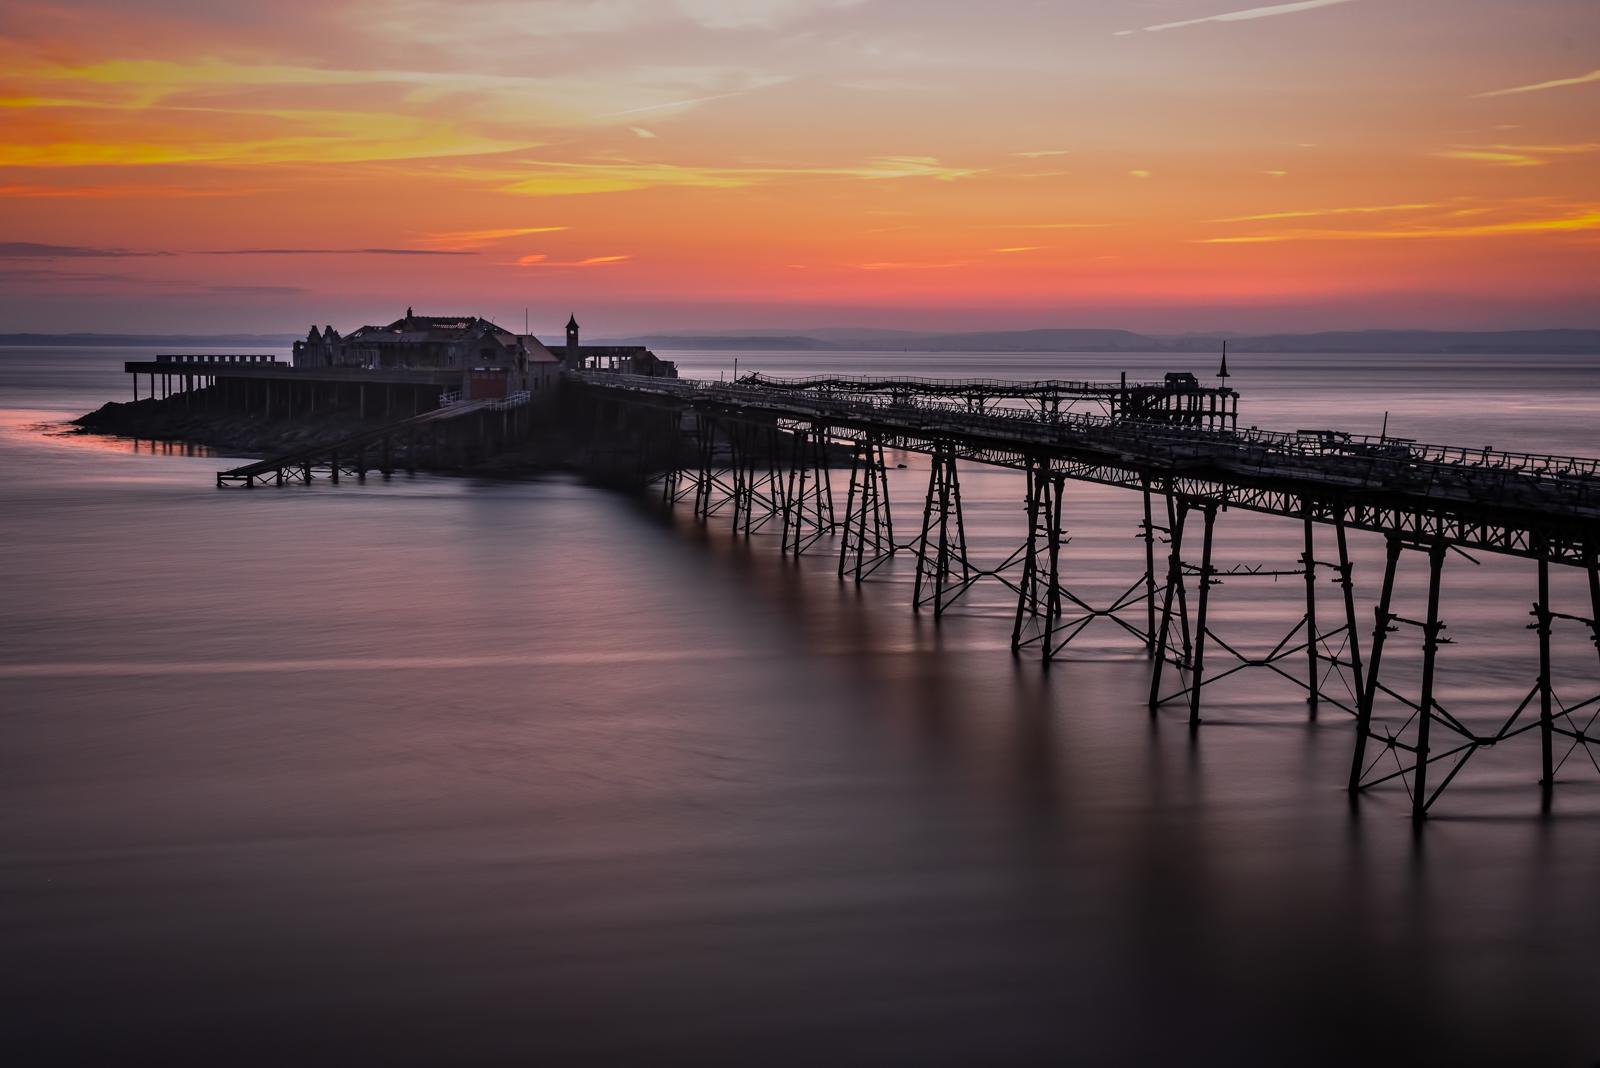 Birnbeck Pier Sunset